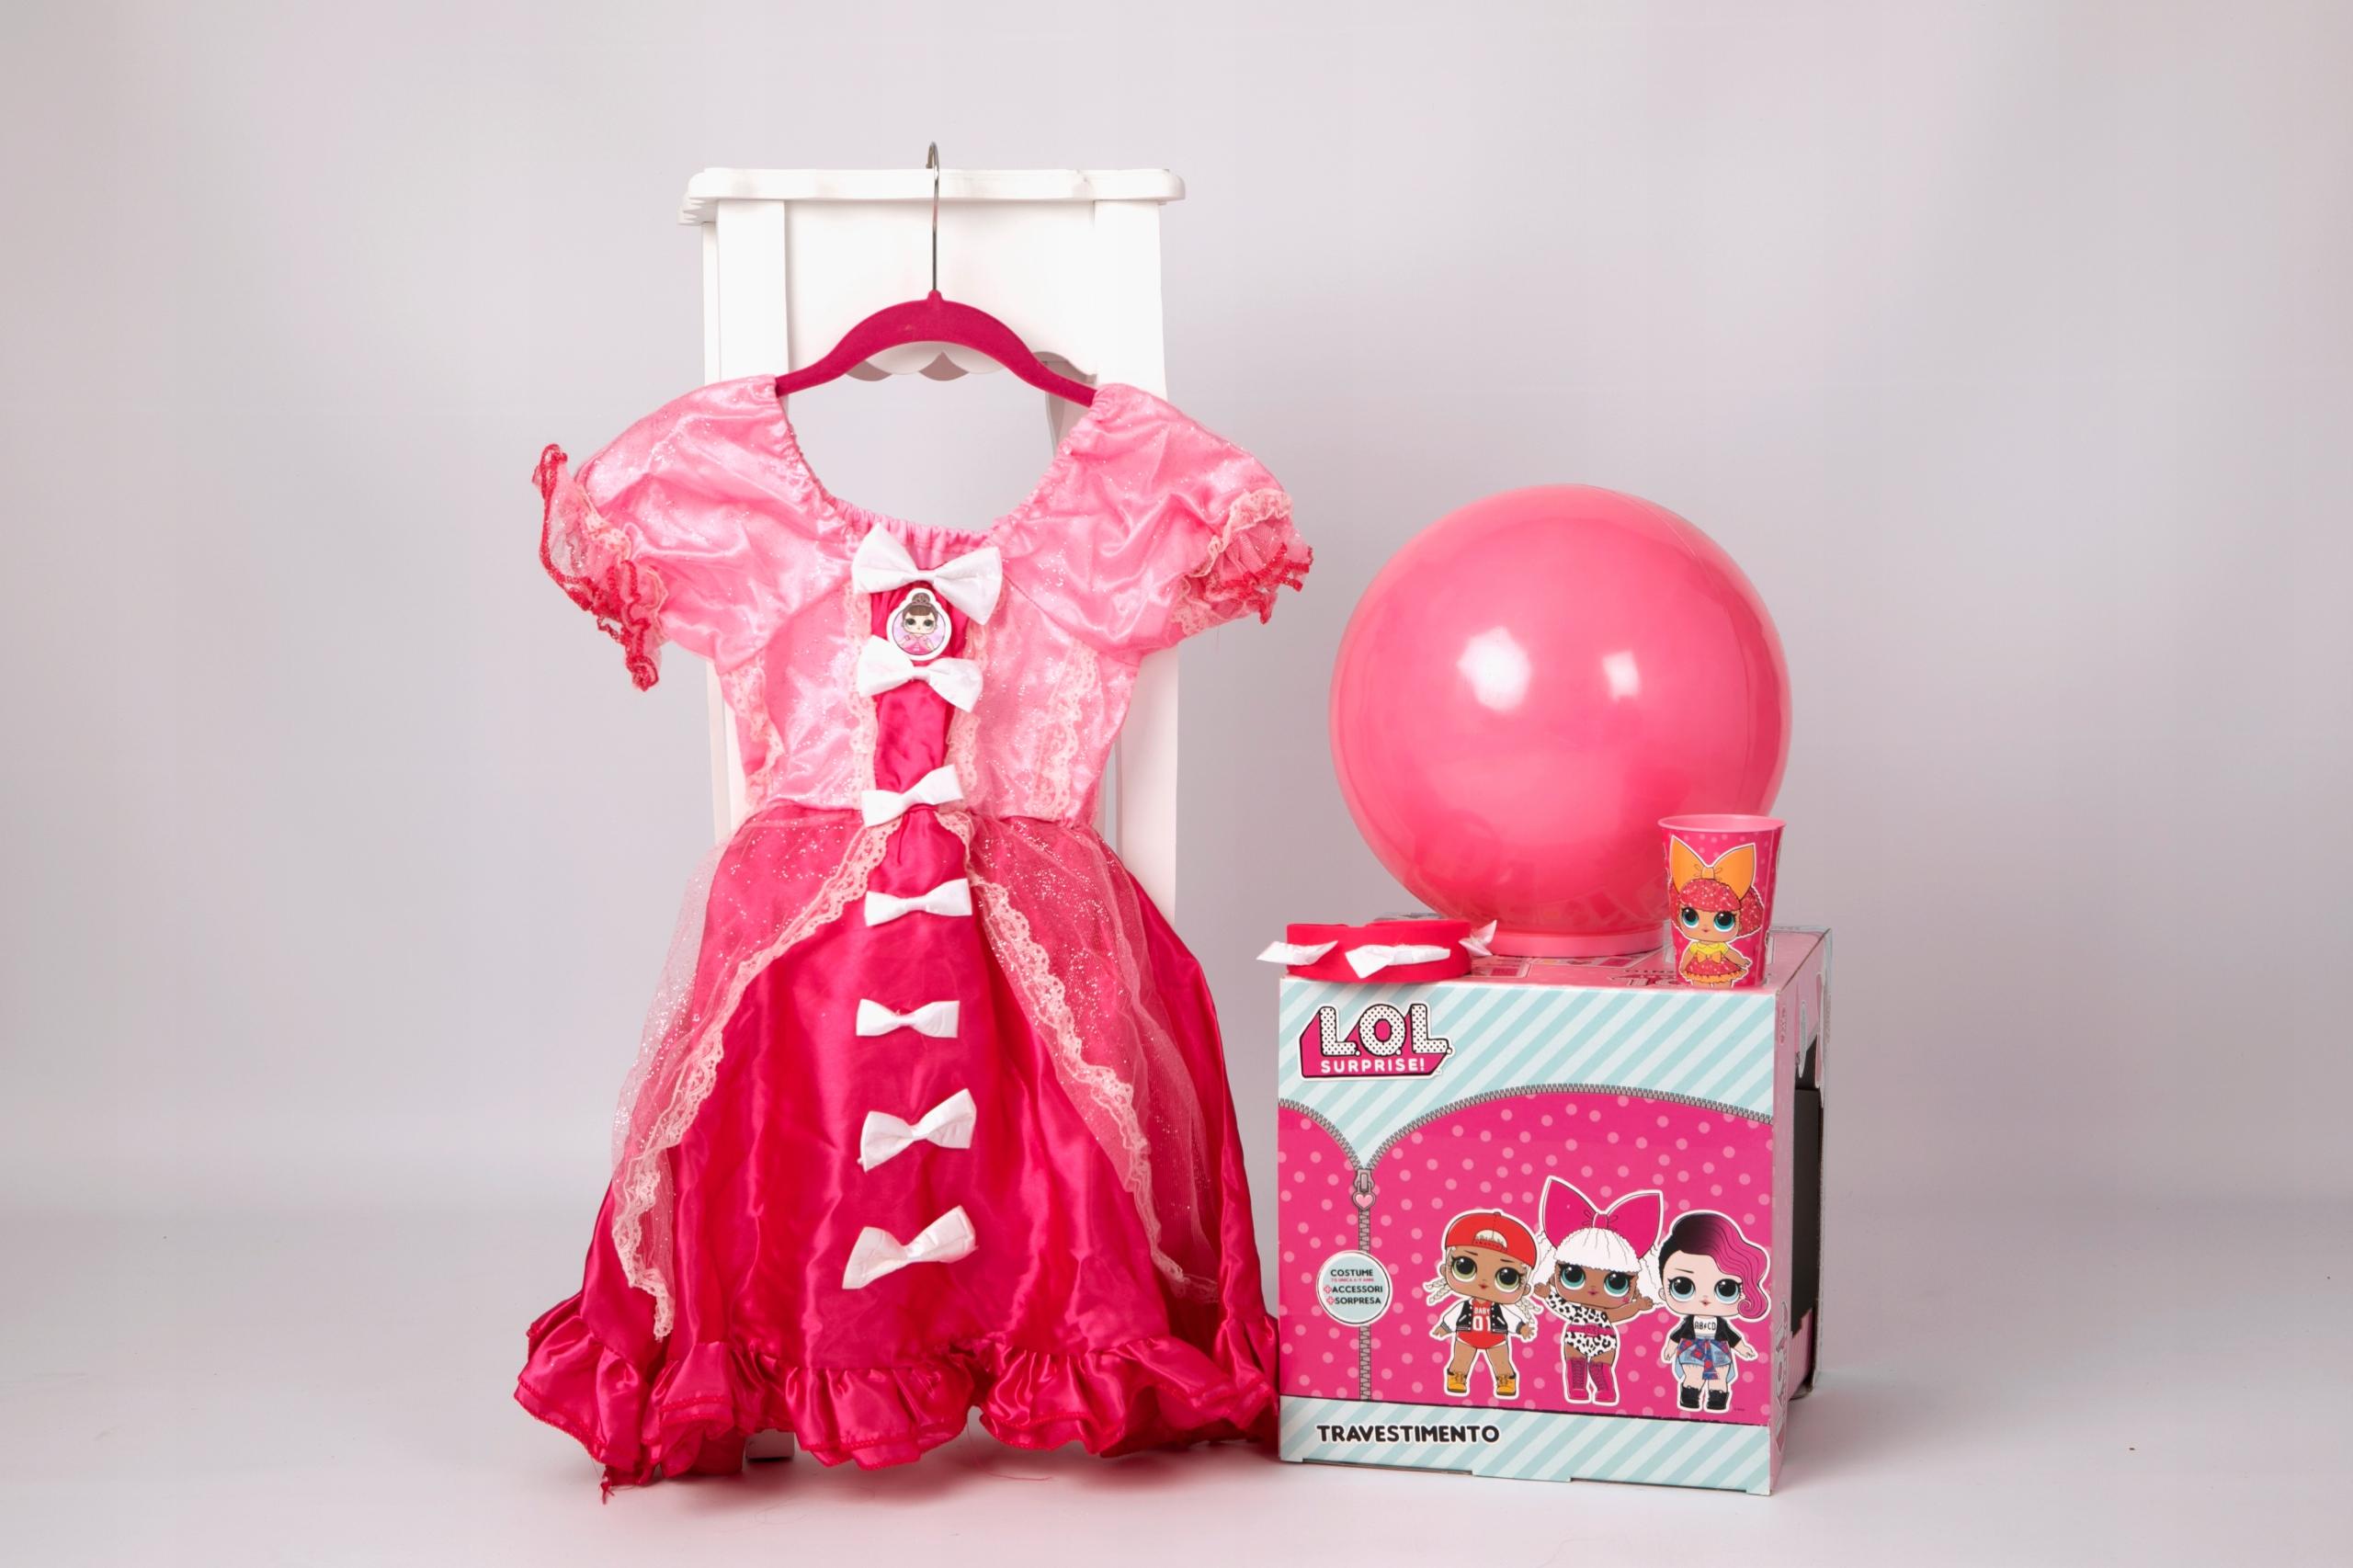 Lol Suprise outfit Efektný LOL 6-9 ročný super kostým